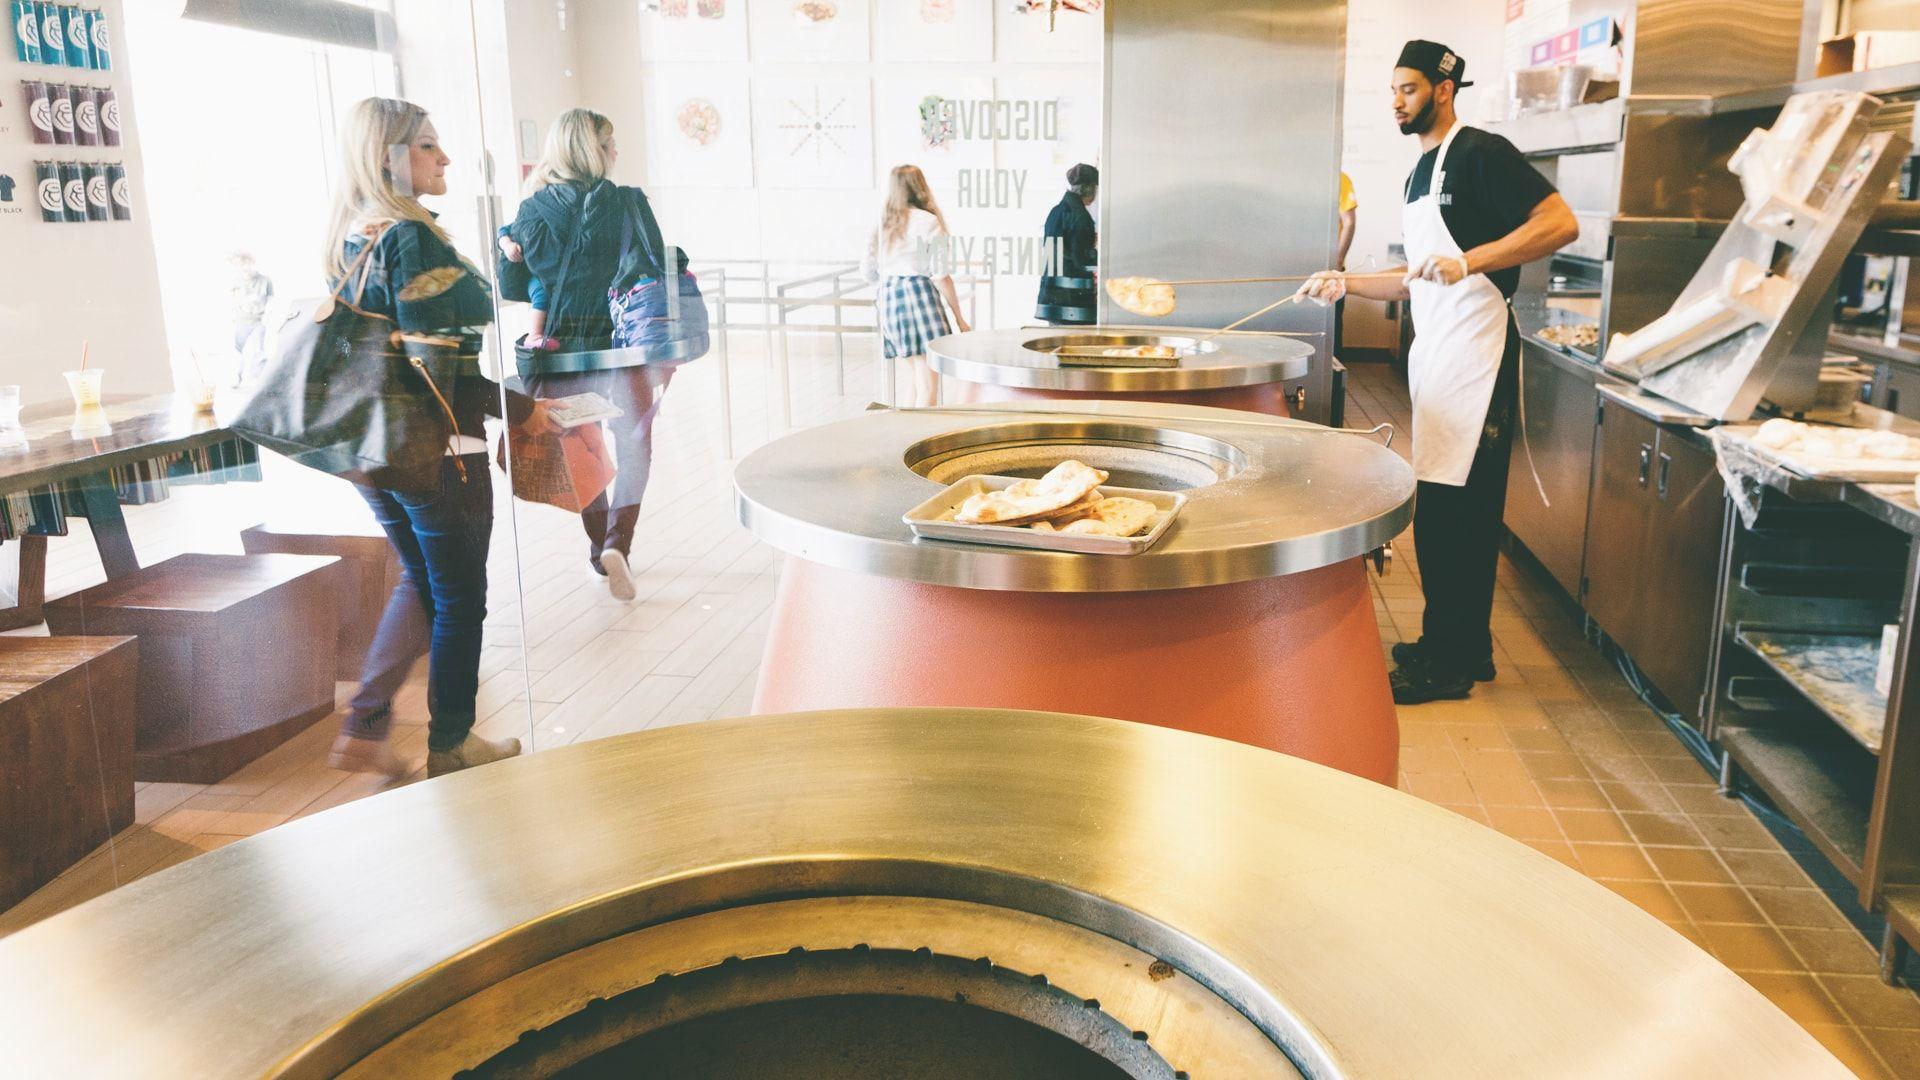 team member making naan in tandoor oven